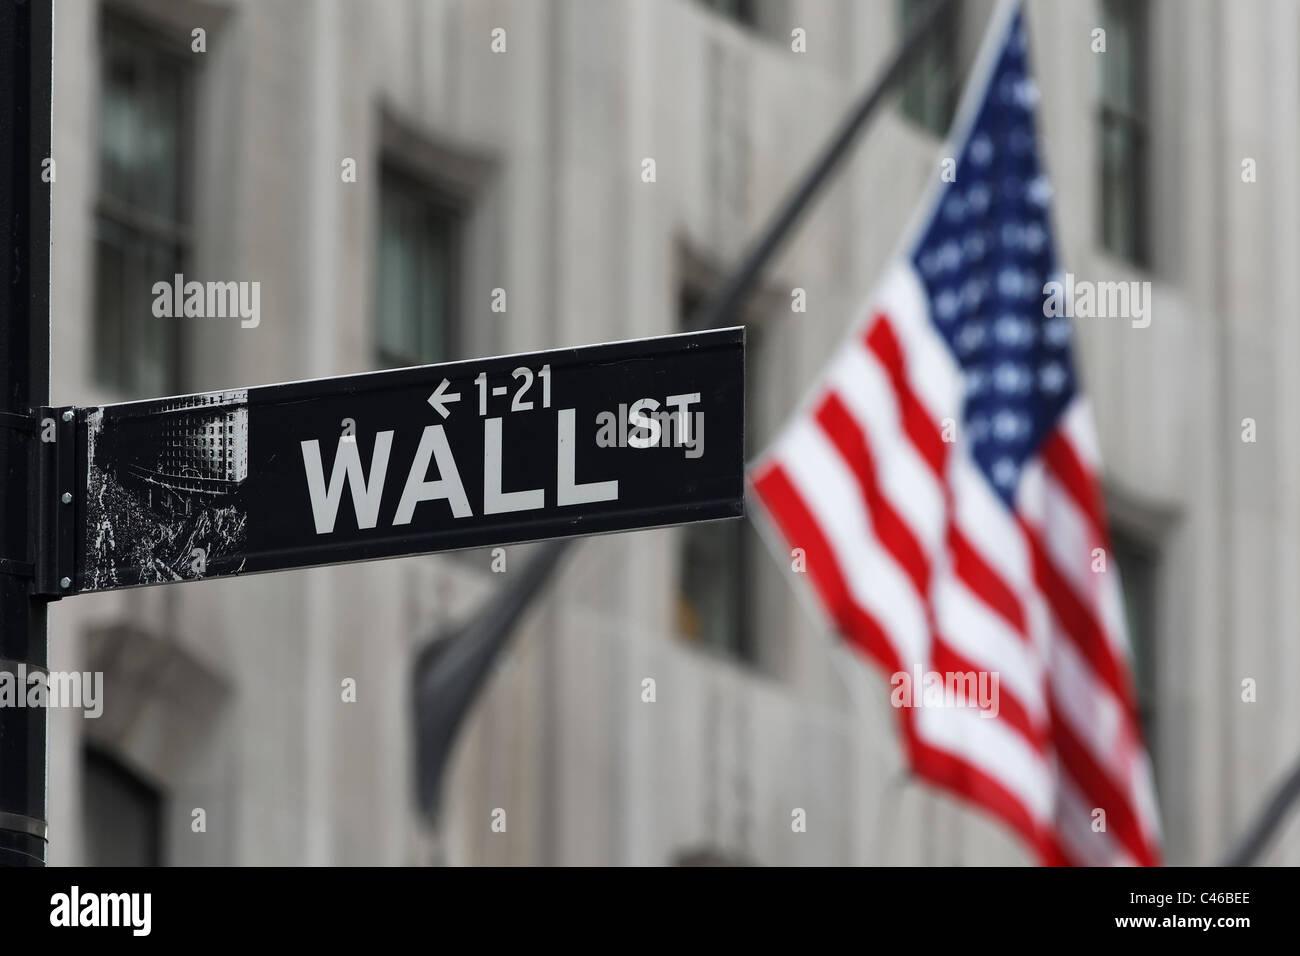 El área de Wall Street en Nueva York, el distrito financiero de la ciudad alberga la Bolsa de Nueva York. Imagen De Stock